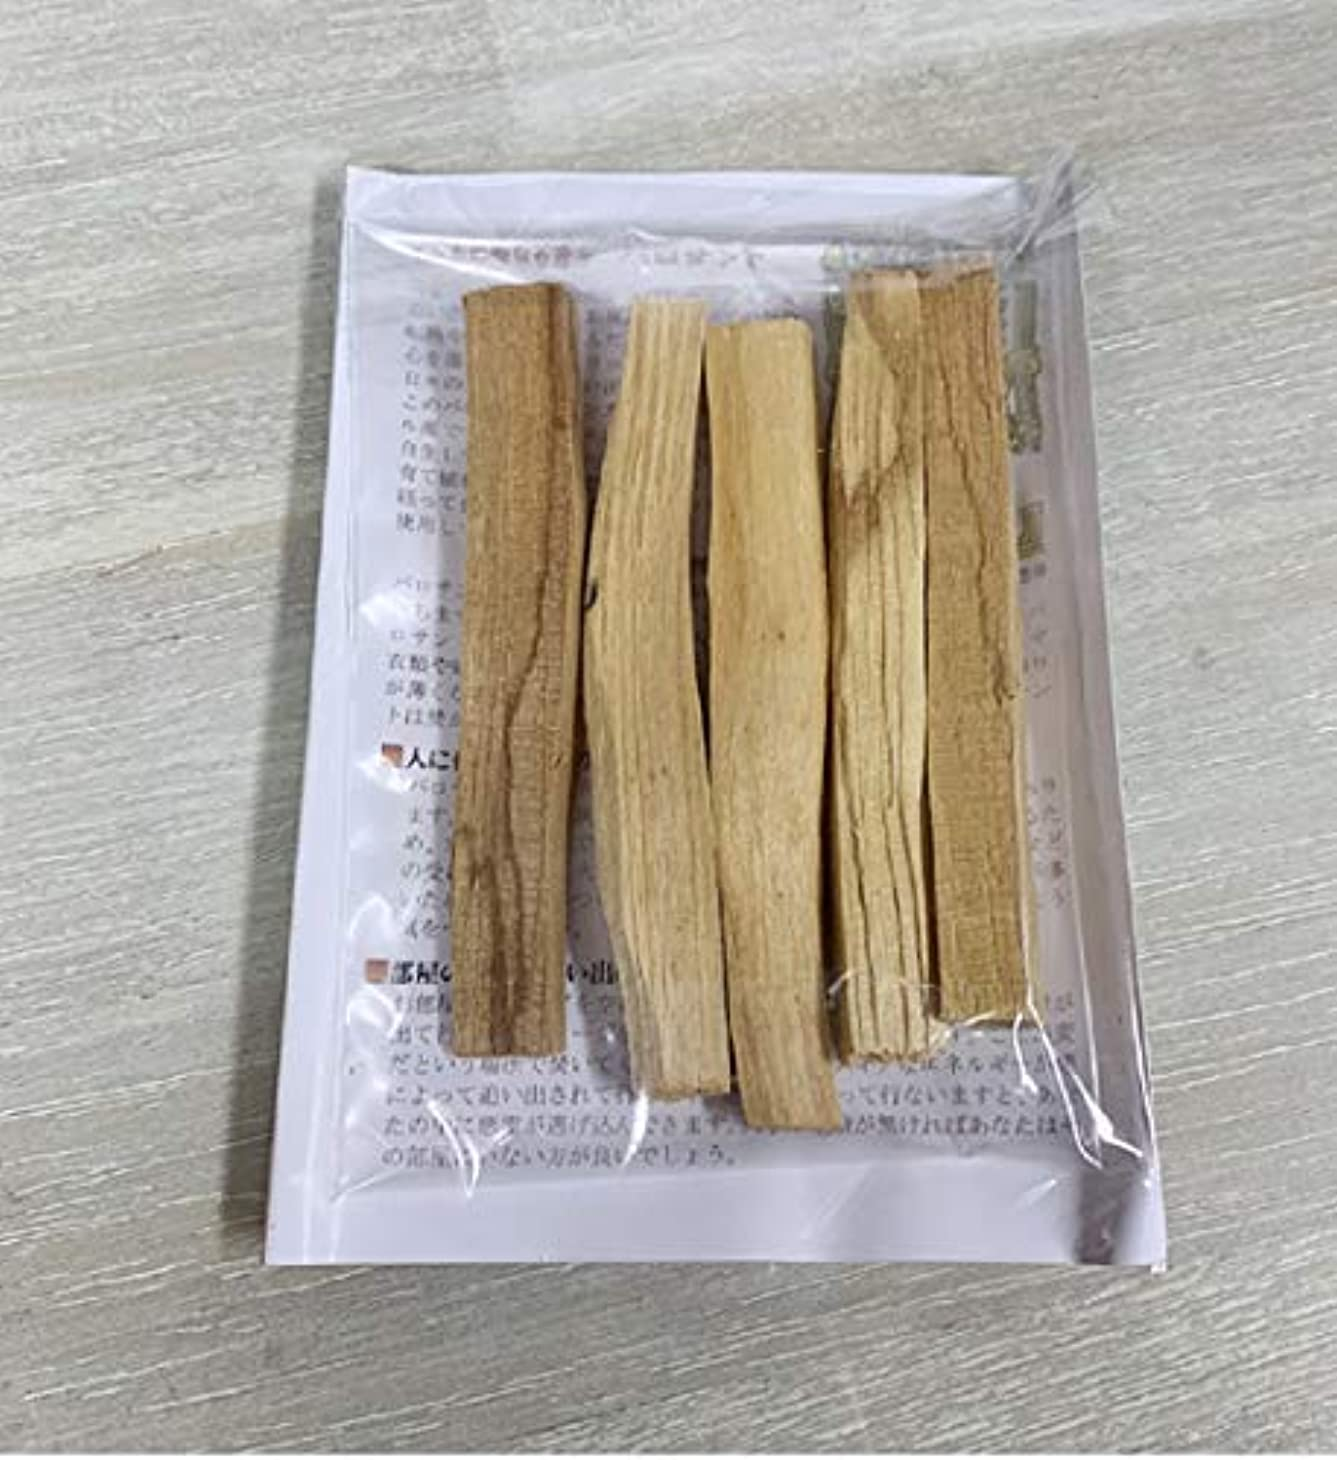 清める状況成果パロサント 香木 30g インカ帝国 悪霊払い お香